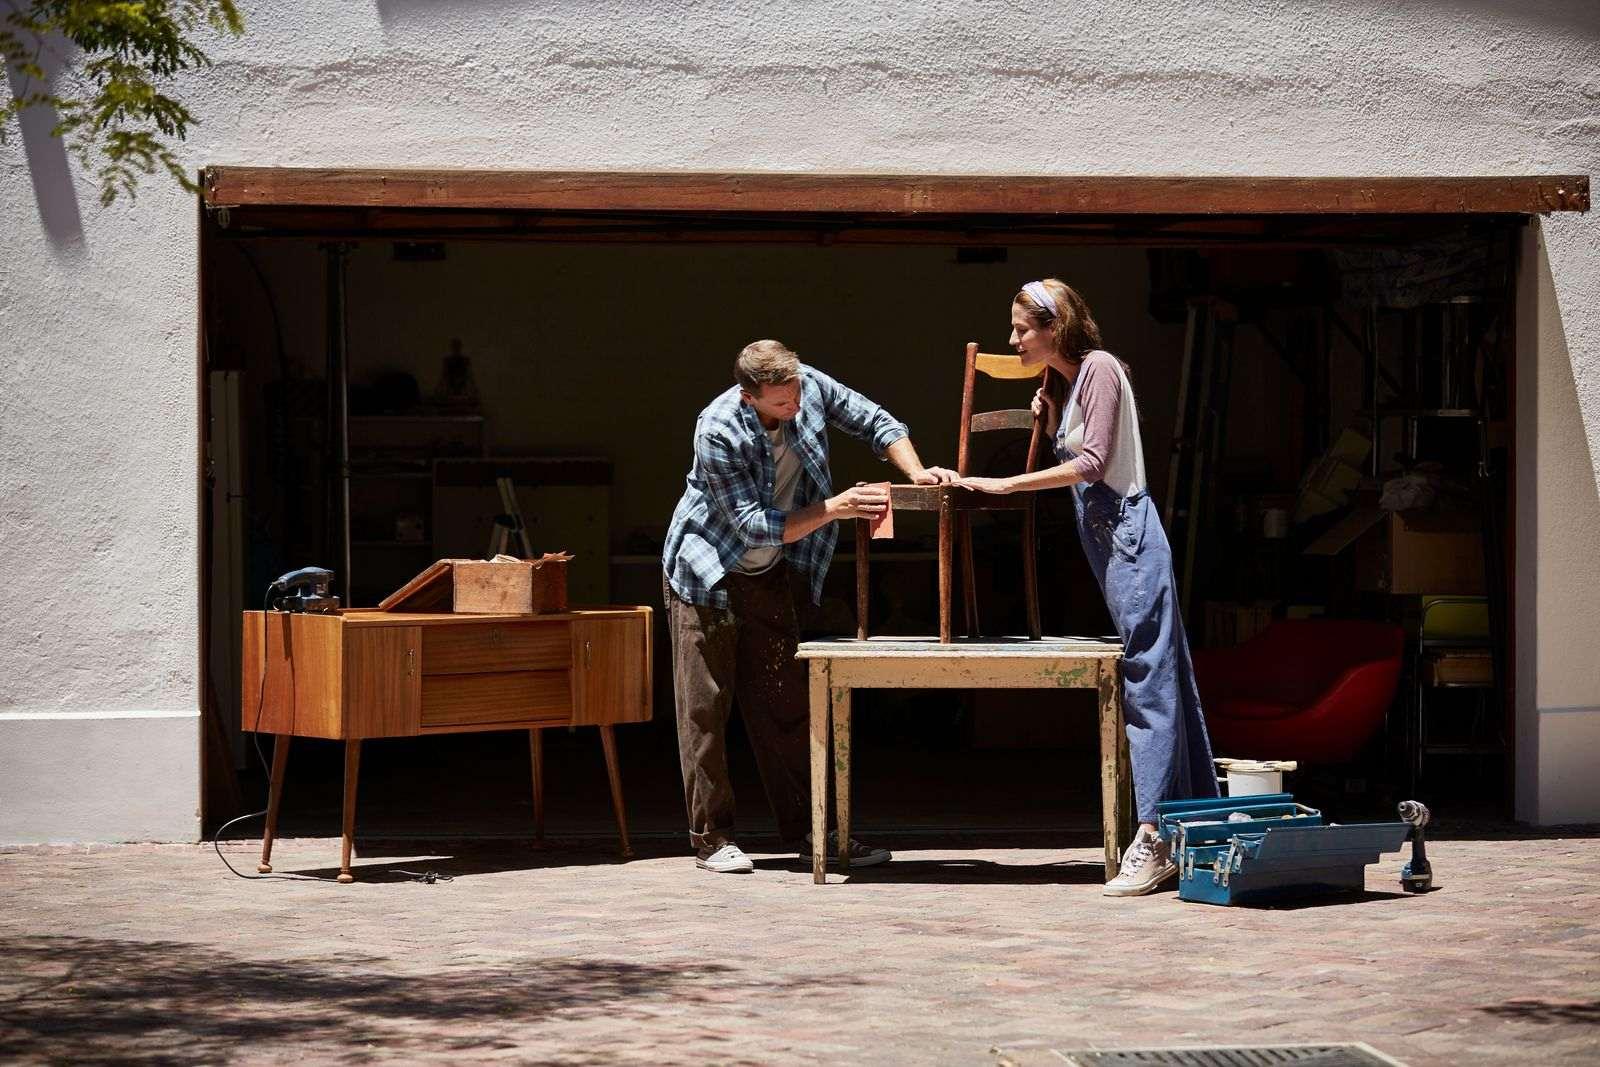 remettre ses meubles à neuf dehors, sabler chaise en bois